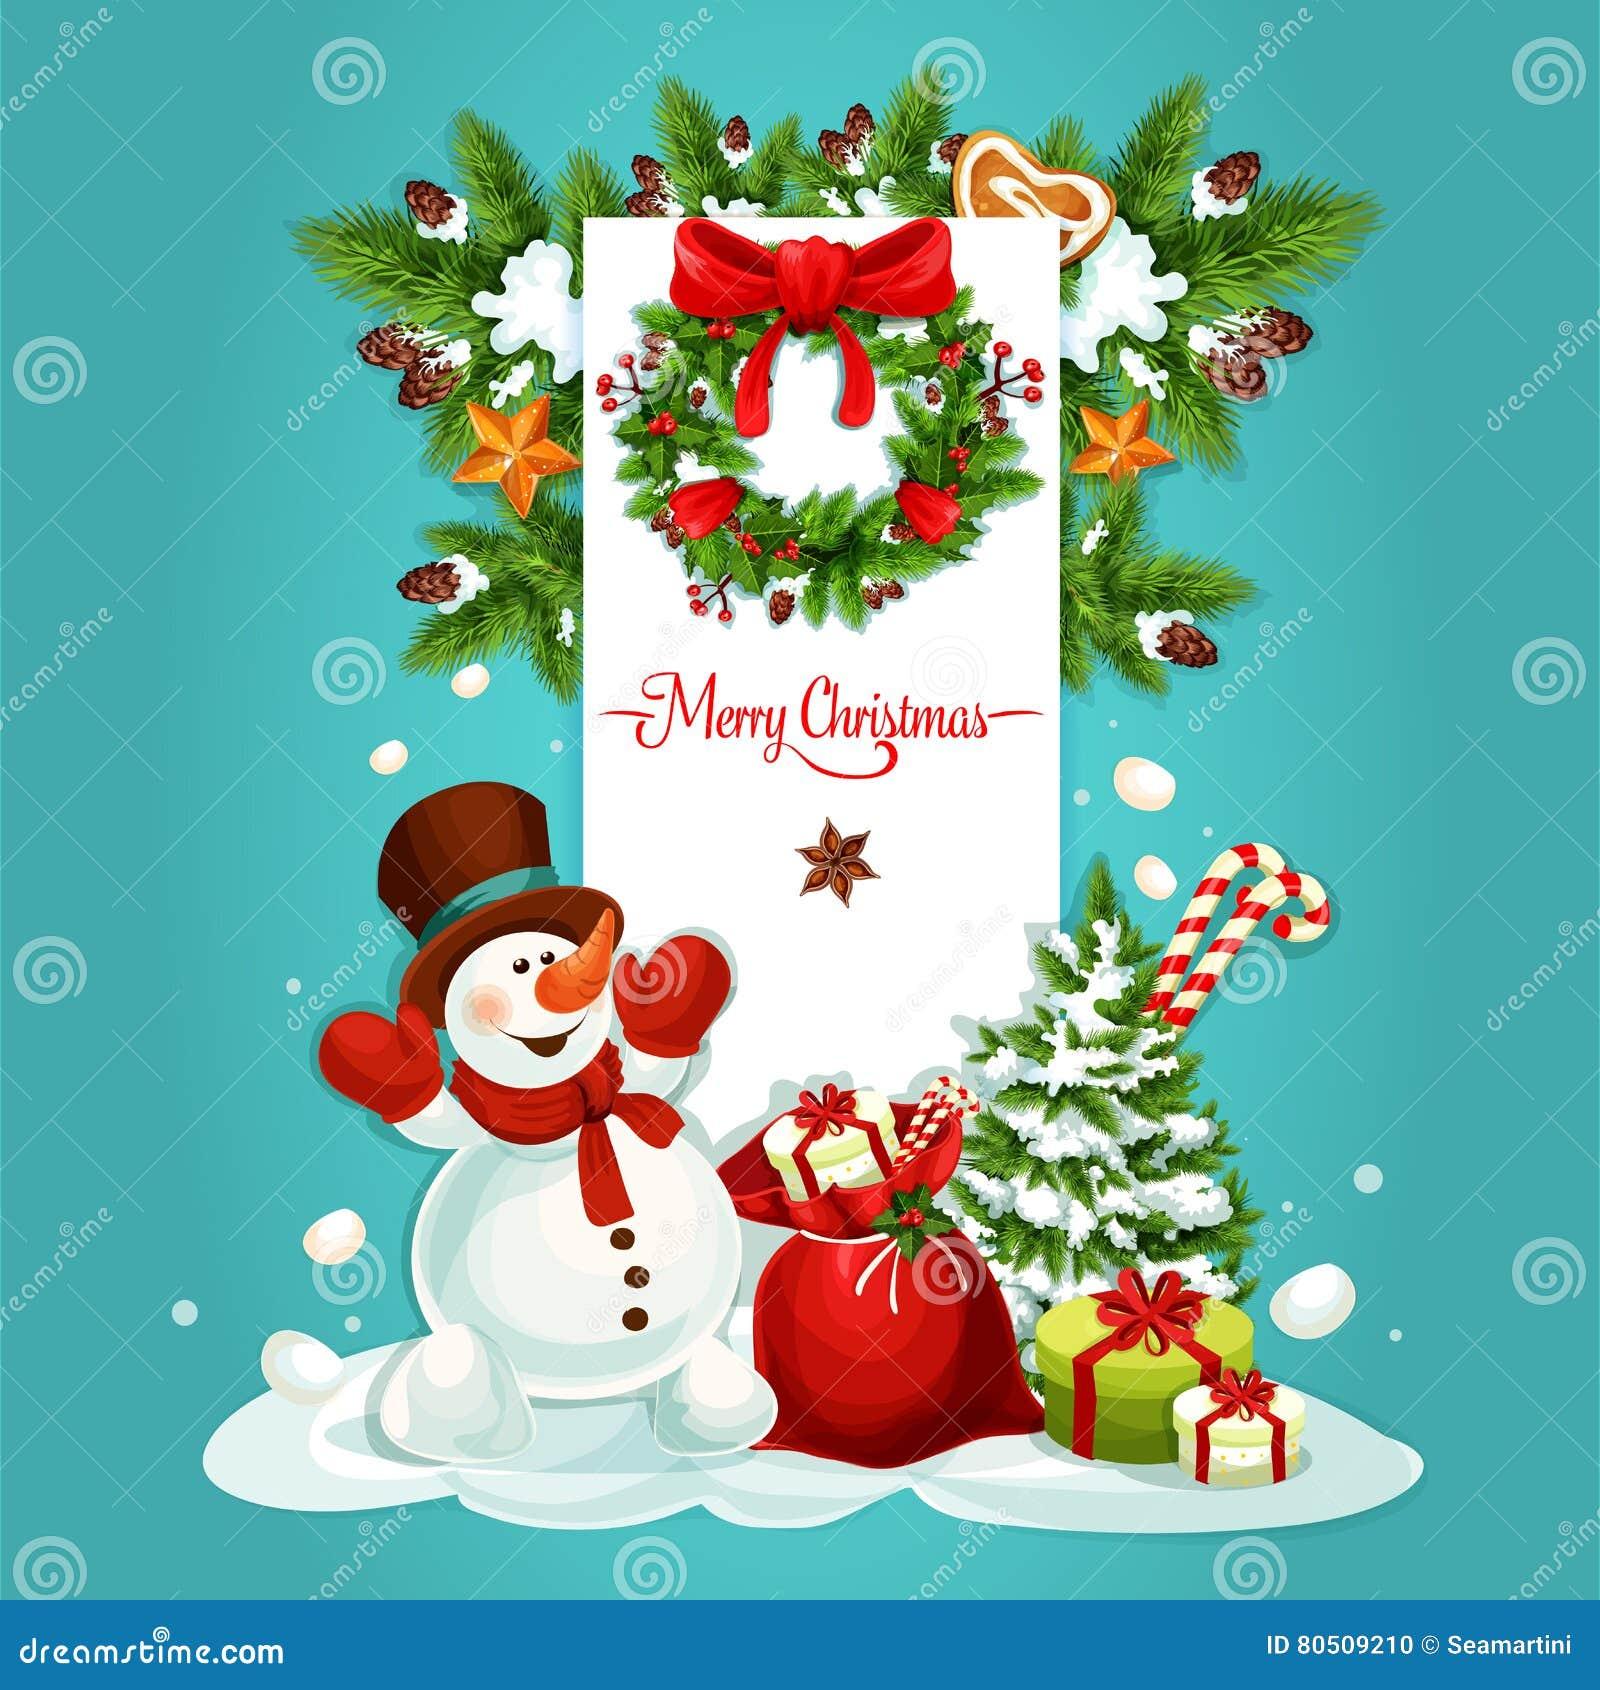 Weihnachtsschneemann Mit Geschenkgruß-Kartendesign Vektor Abbildung ...